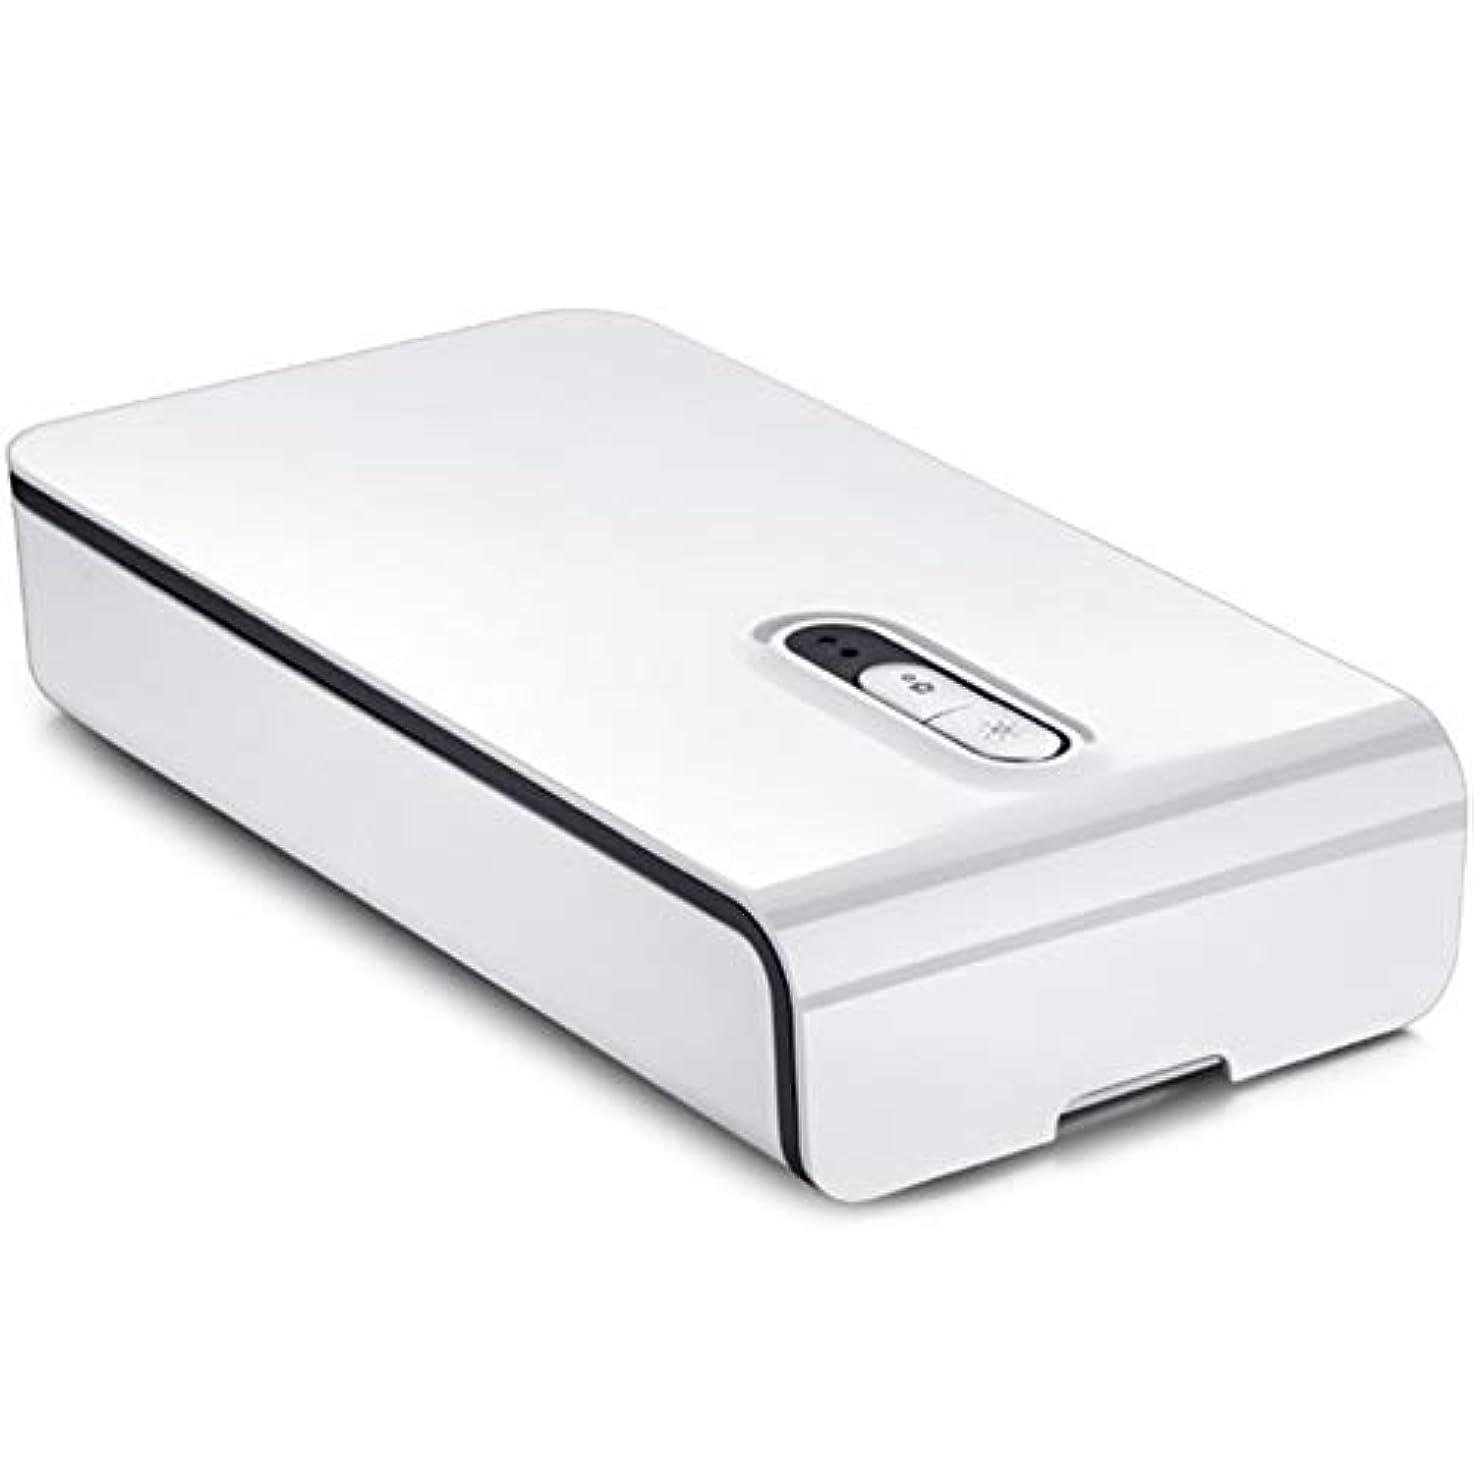 絶滅させる試す放射能UV滅菌器を充電する携帯電話と下着のための多機能アロマUV消毒単層,白